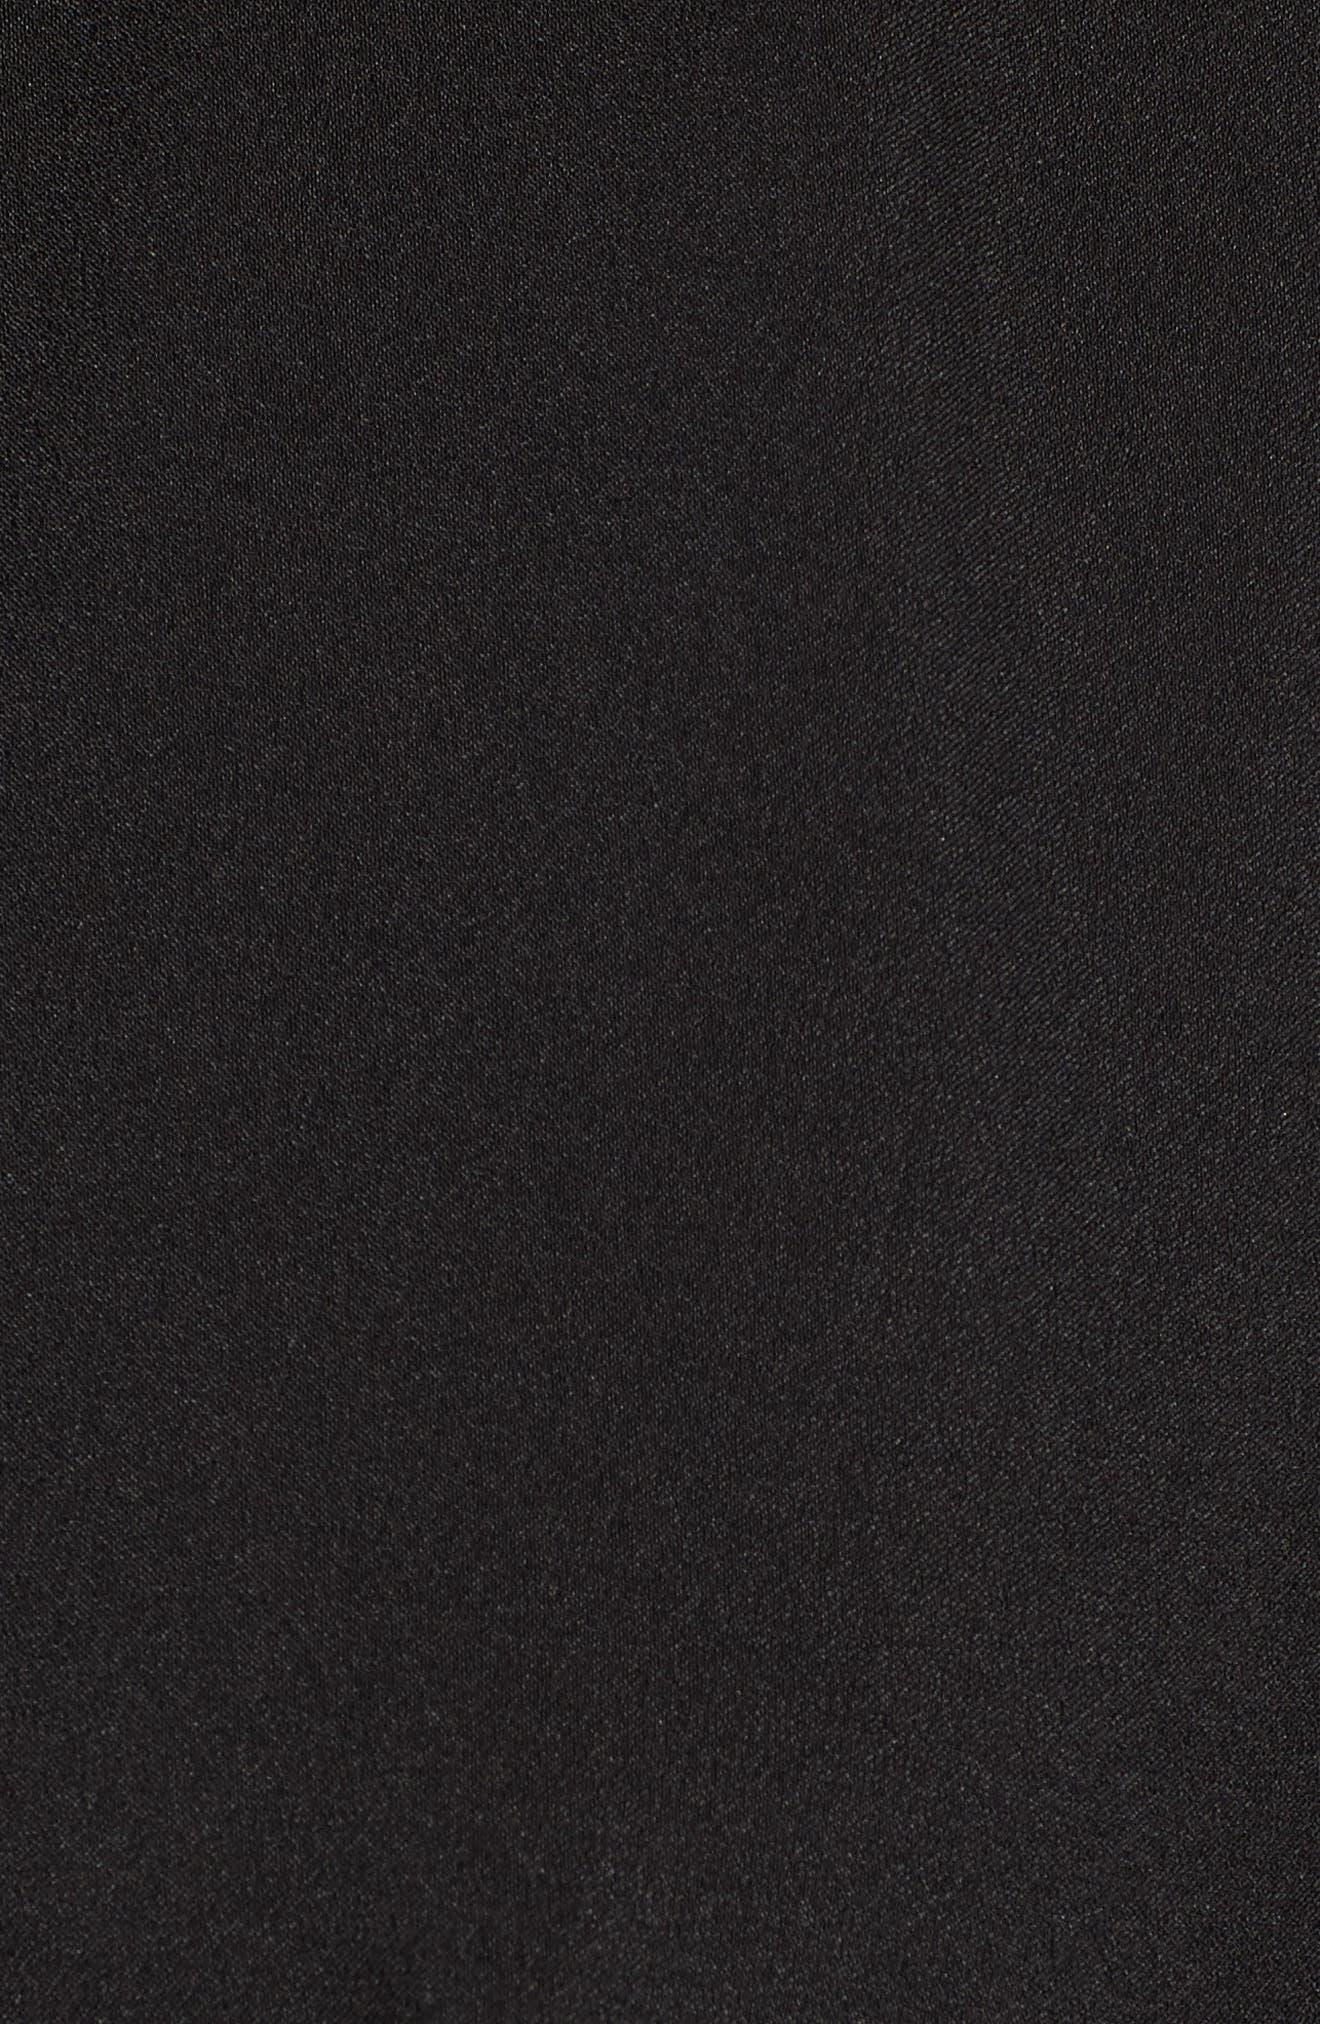 Tie Front Dress,                             Alternate thumbnail 6, color,                             Black